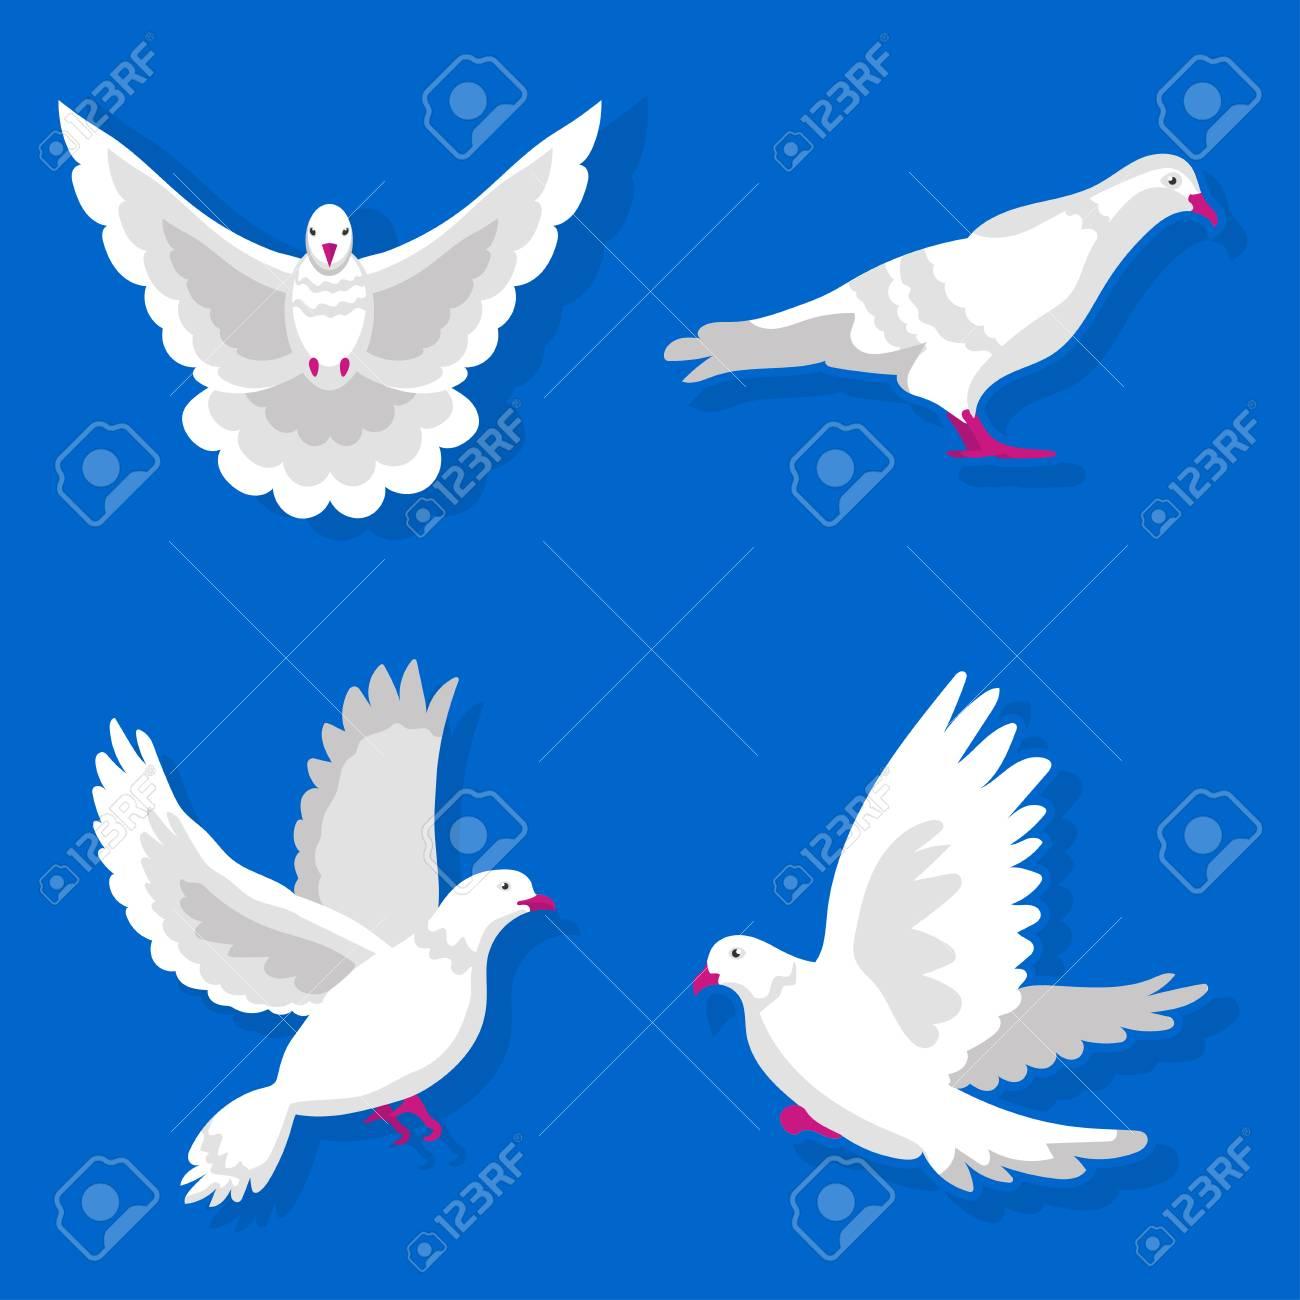 Conjunto De Palomas Blancas Sentado Y Volando Sobre El Fondo Azul